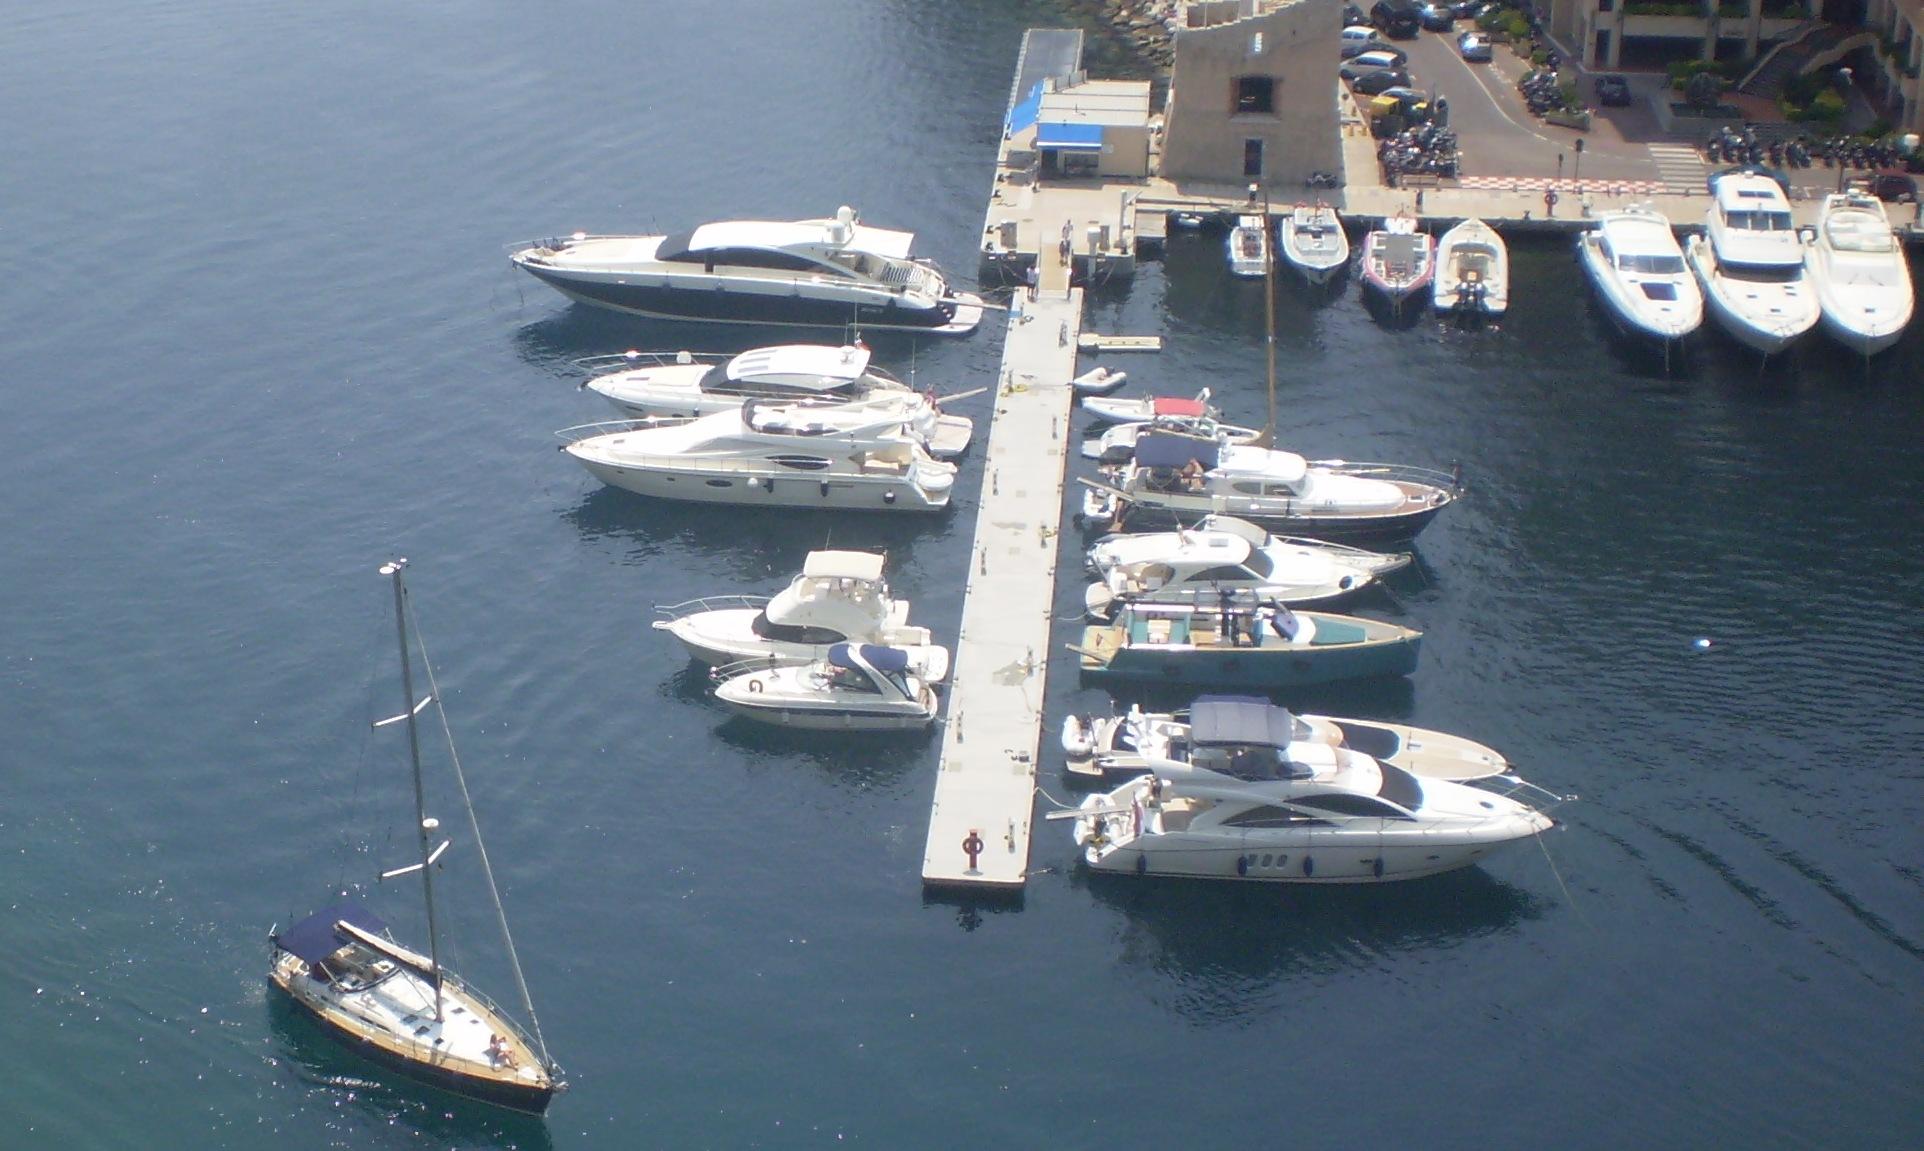 Яхт-шоу в Монако: все подробности о яхтенном шоу